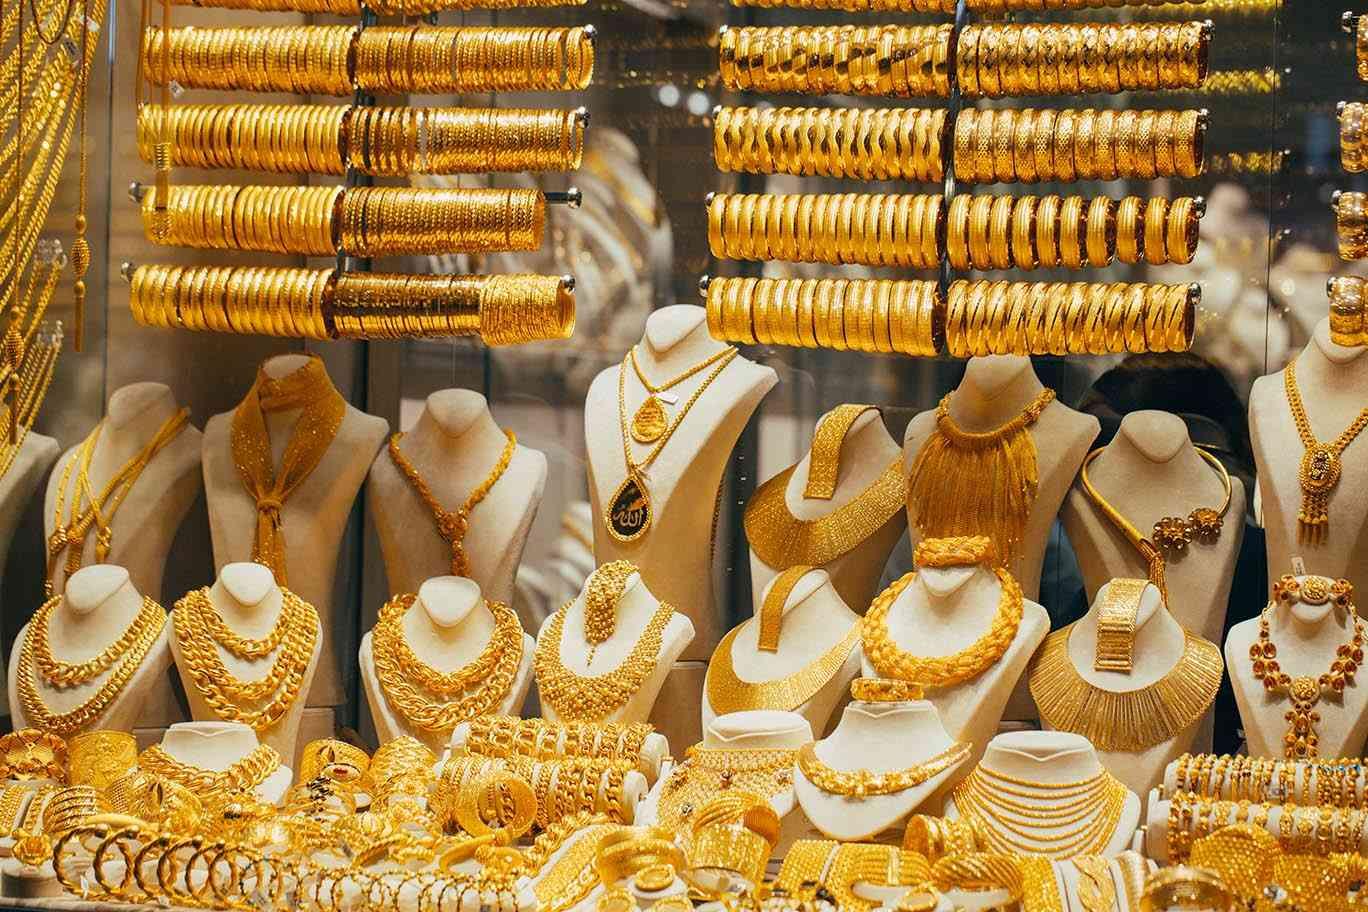 تراجع الإقبال على التعامل بالذهب إلى أكثر من 50 بالمئة في إقليم كوردستان